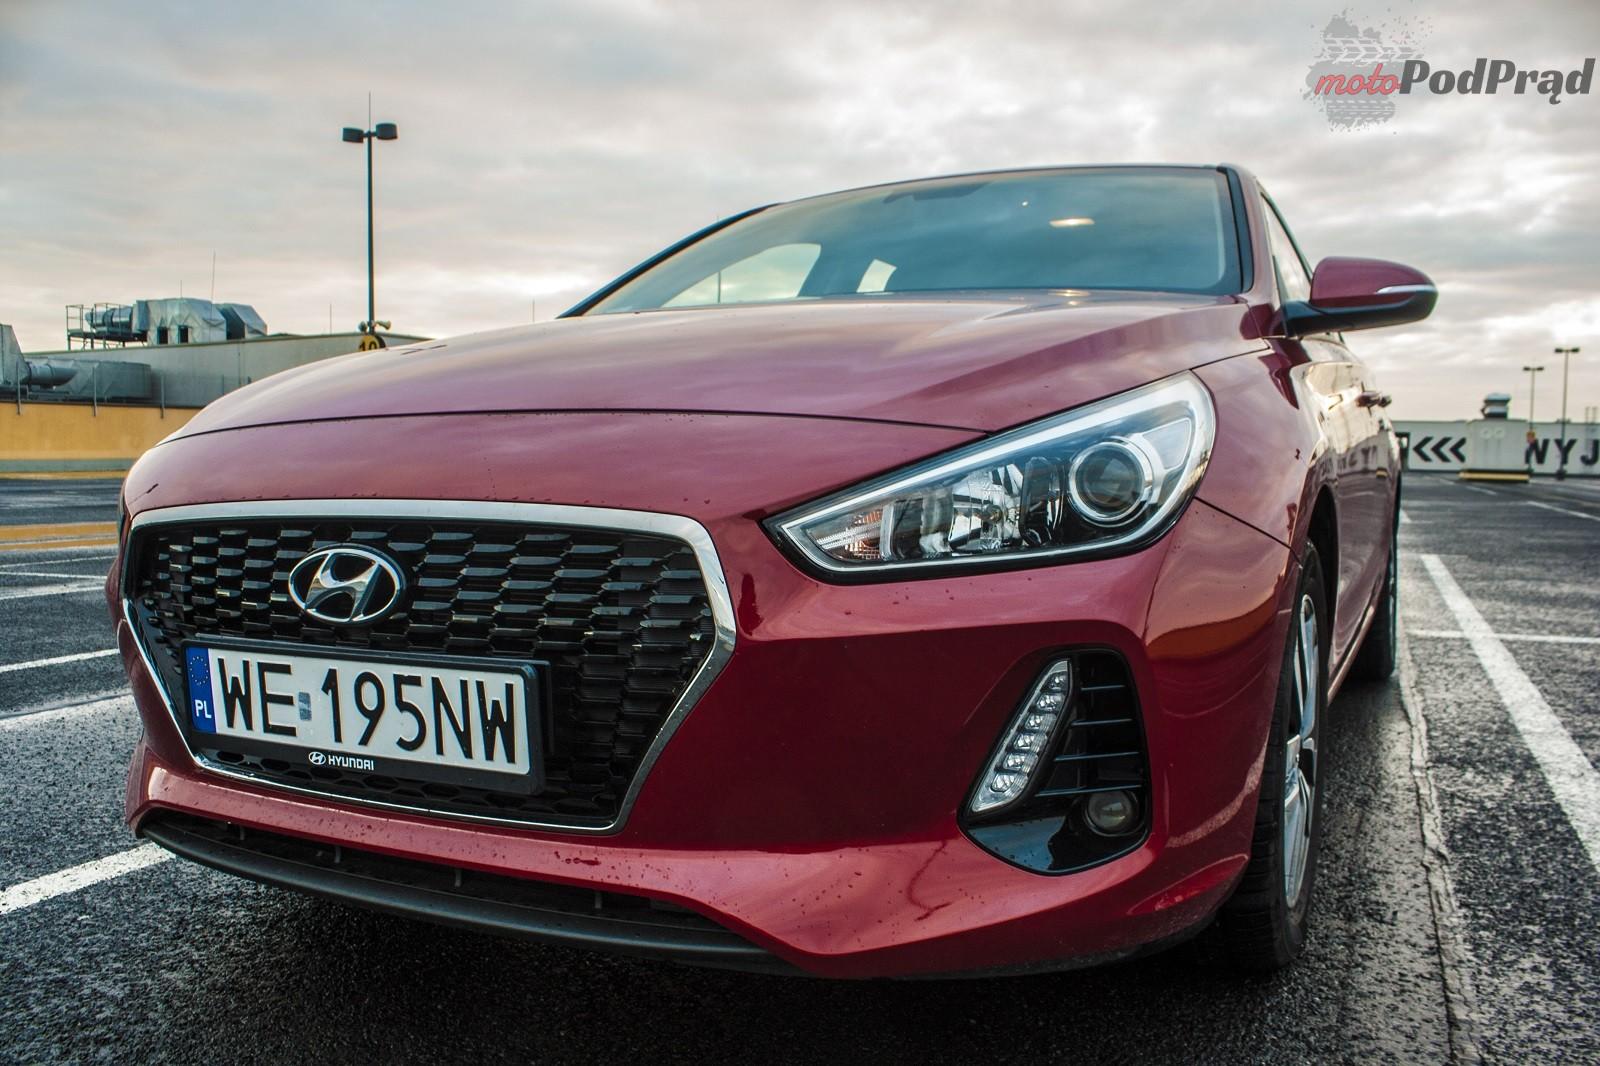 Hyundai i30 15 Test: Hyundai i30 1.0 T GDI   hultaj z wielkimi aspiracjami